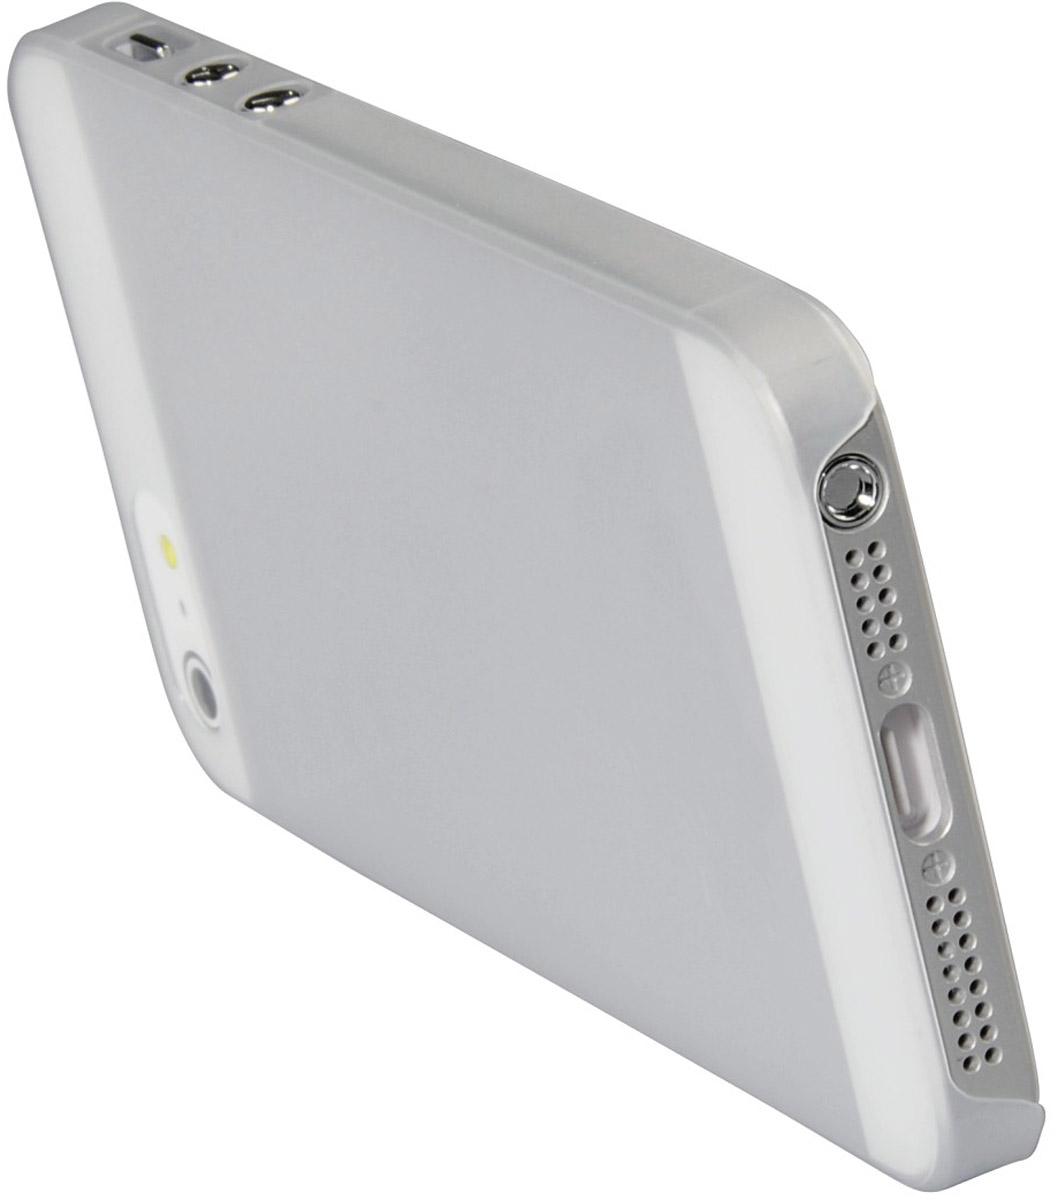 Ozaki O!coat 0.3 Jelly чехол для Apple iPhone 5/5s, TransparentOC533TRЧехол Ozaki O!coat 0.3 Jelly Case для Apple iPhone 5/5s предназначен для защиты корпуса смартфона от механических повреждений и царапин в процессе эксплуатации. Имеется свободный доступ ко всем разъемам и кнопкам устройства. Толщина чехла составляет 0,3 мм.